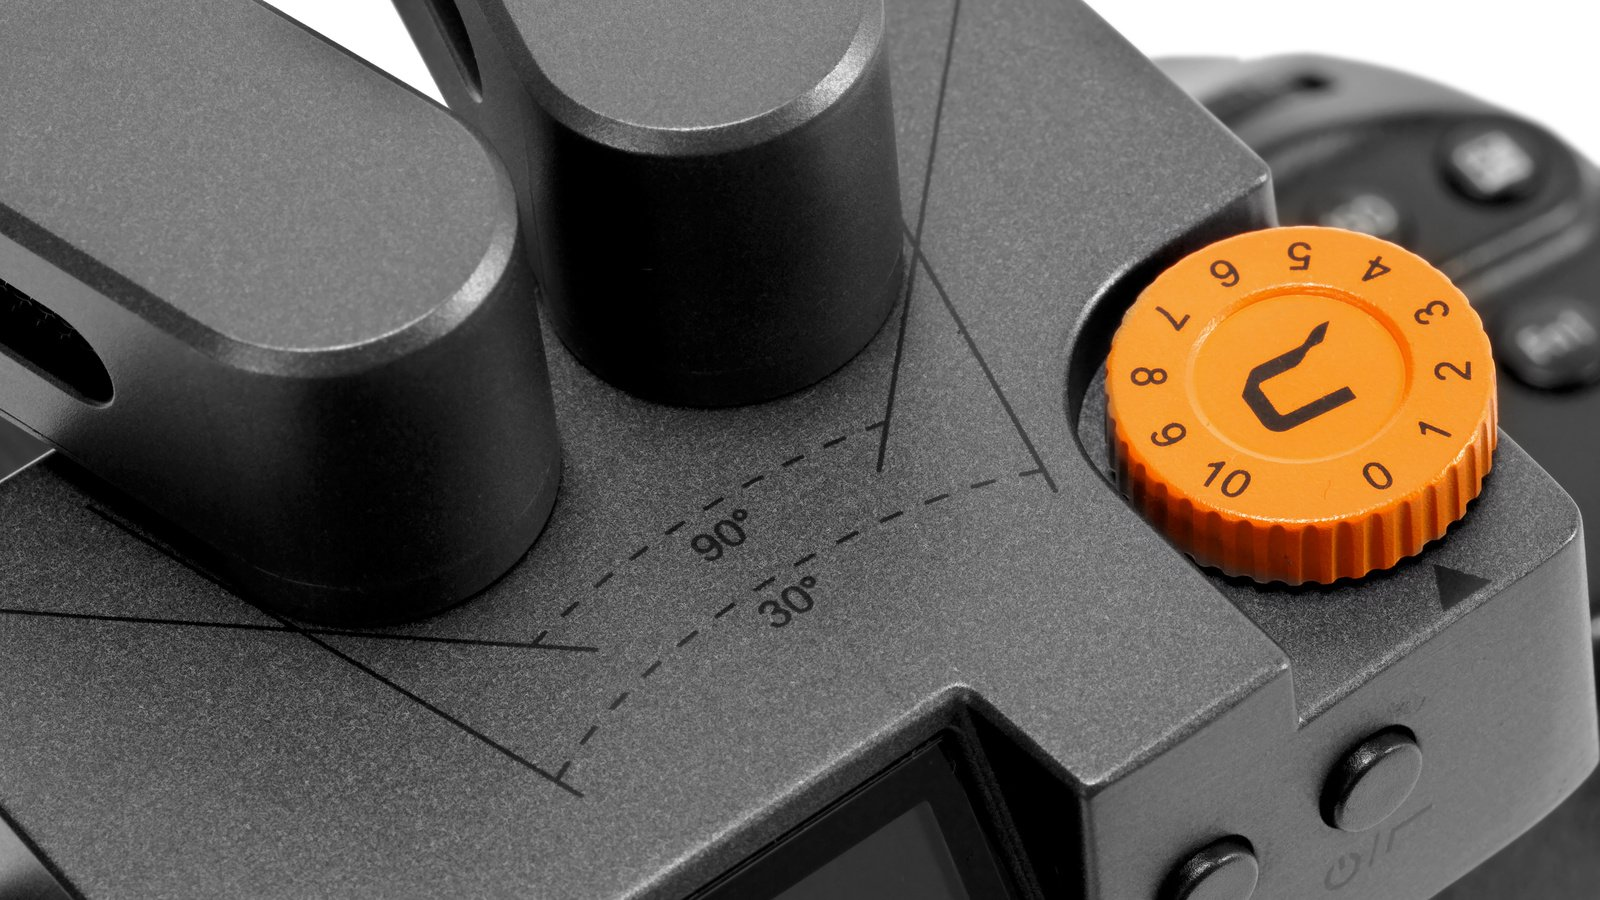 Die Lautstärke des eingebauten Verstärkers ist am Mikrofon steuerbar.